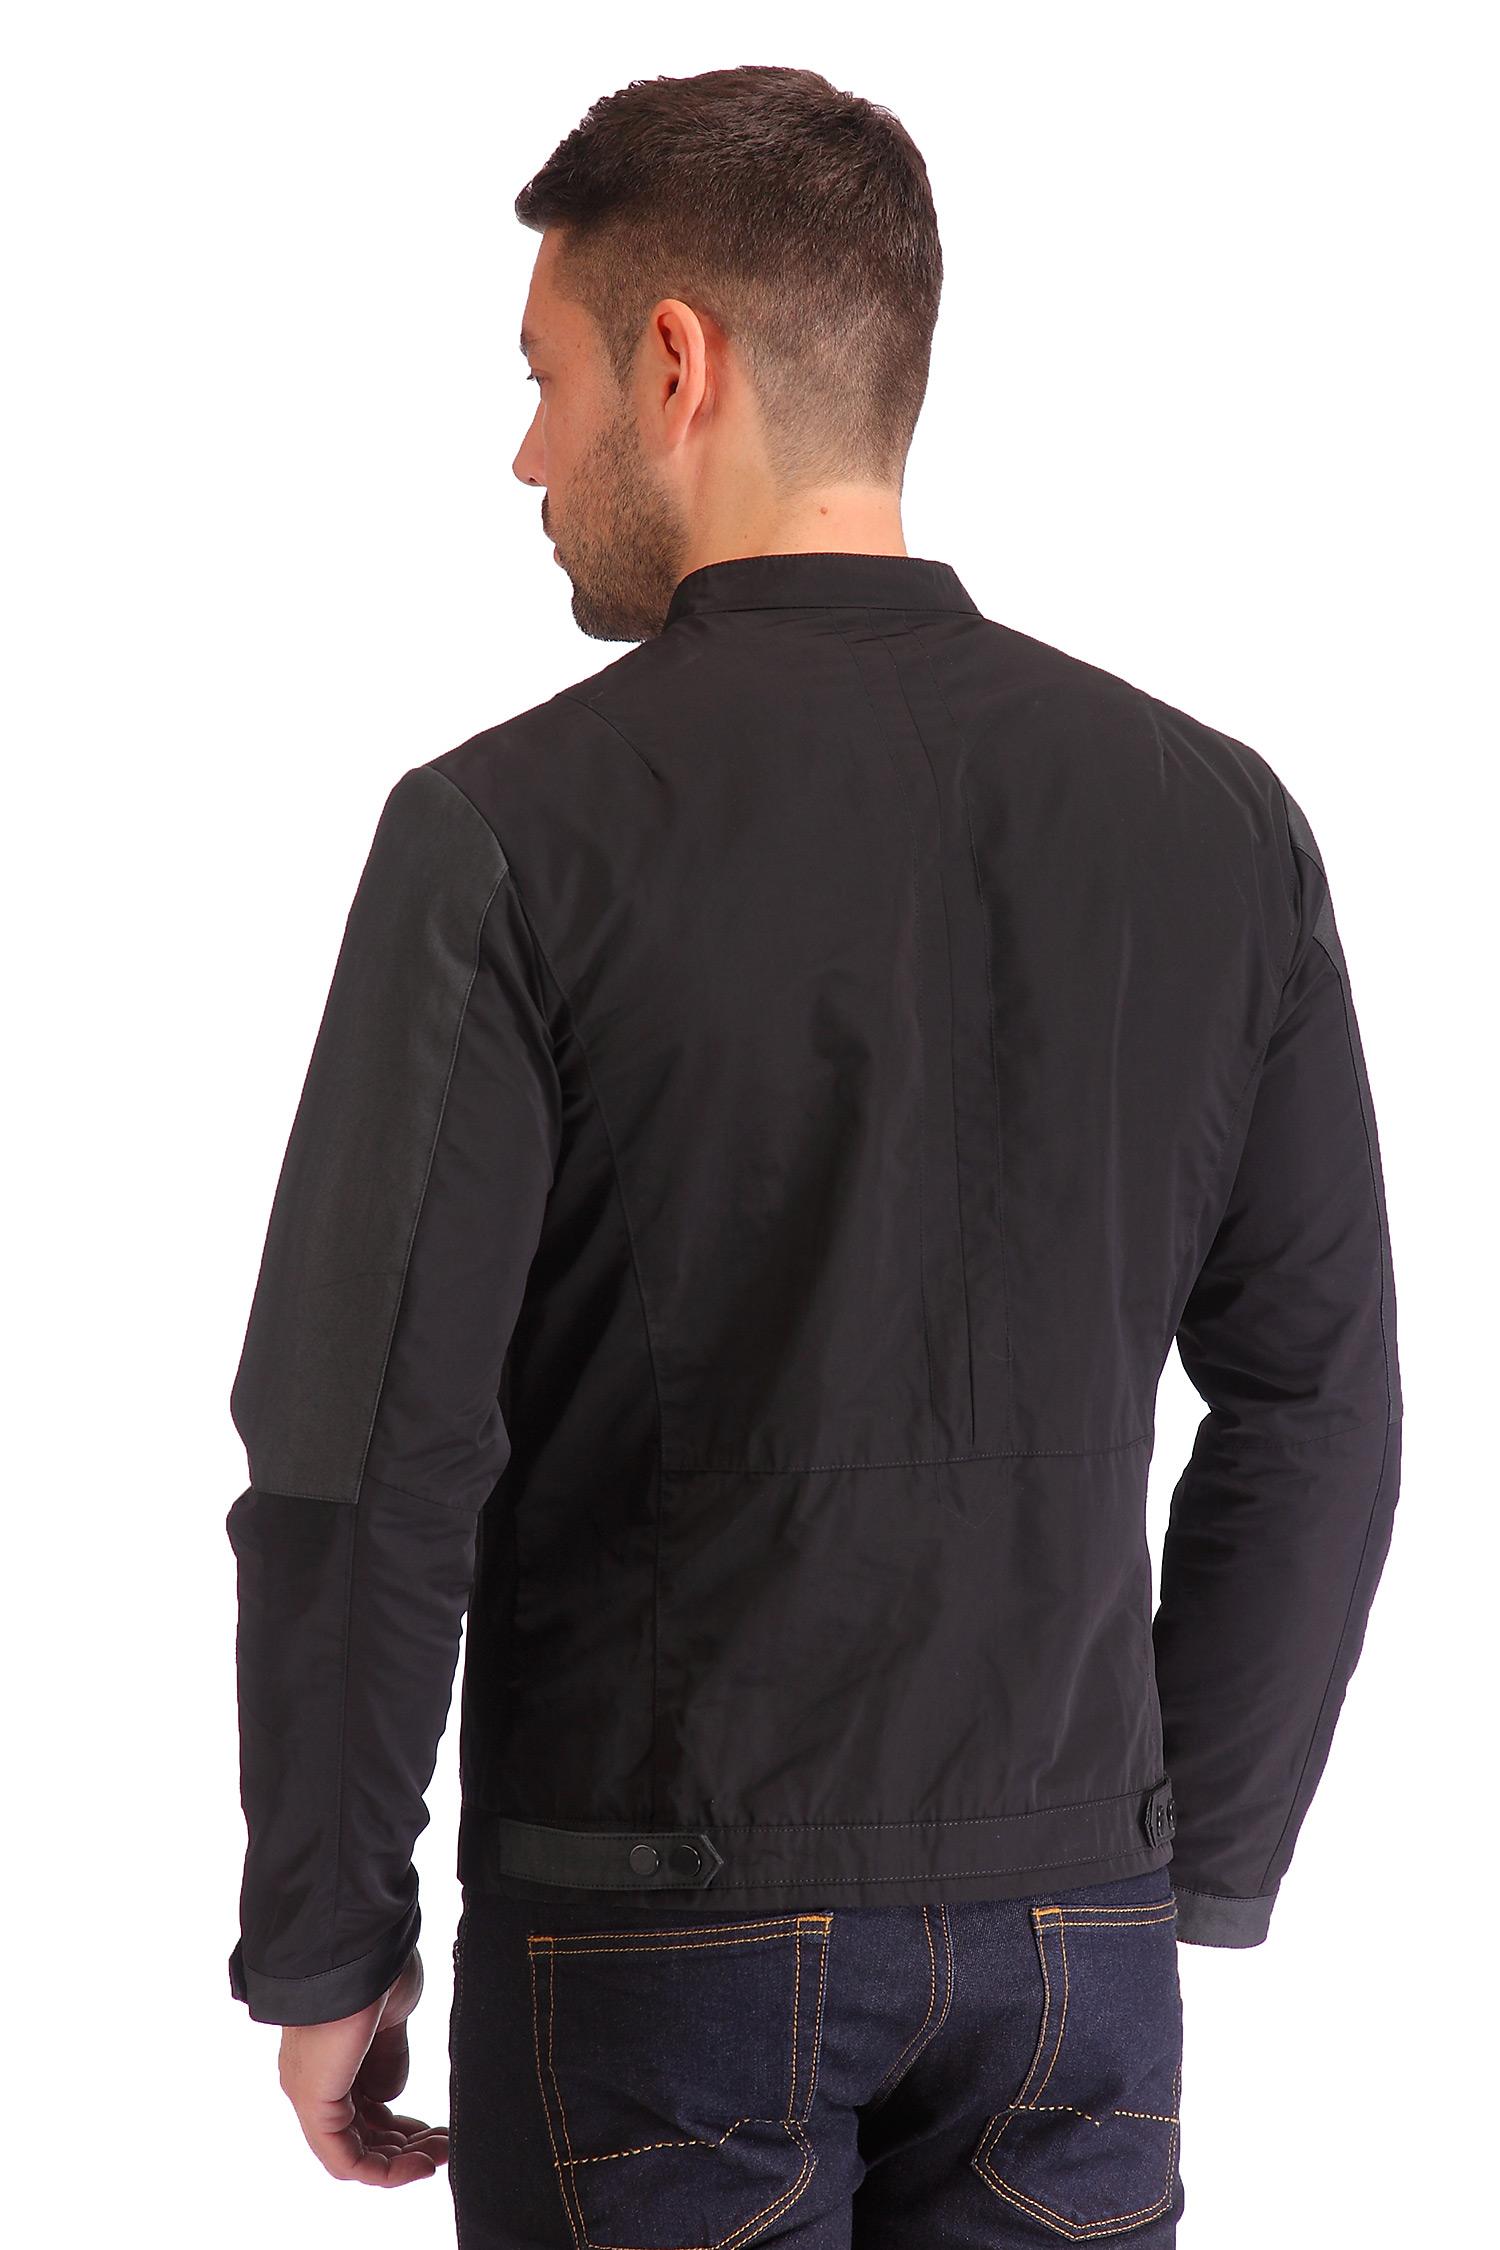 Фото 4 - Мужская куртка из текстиля с воротником от МОСМЕХА черного цвета